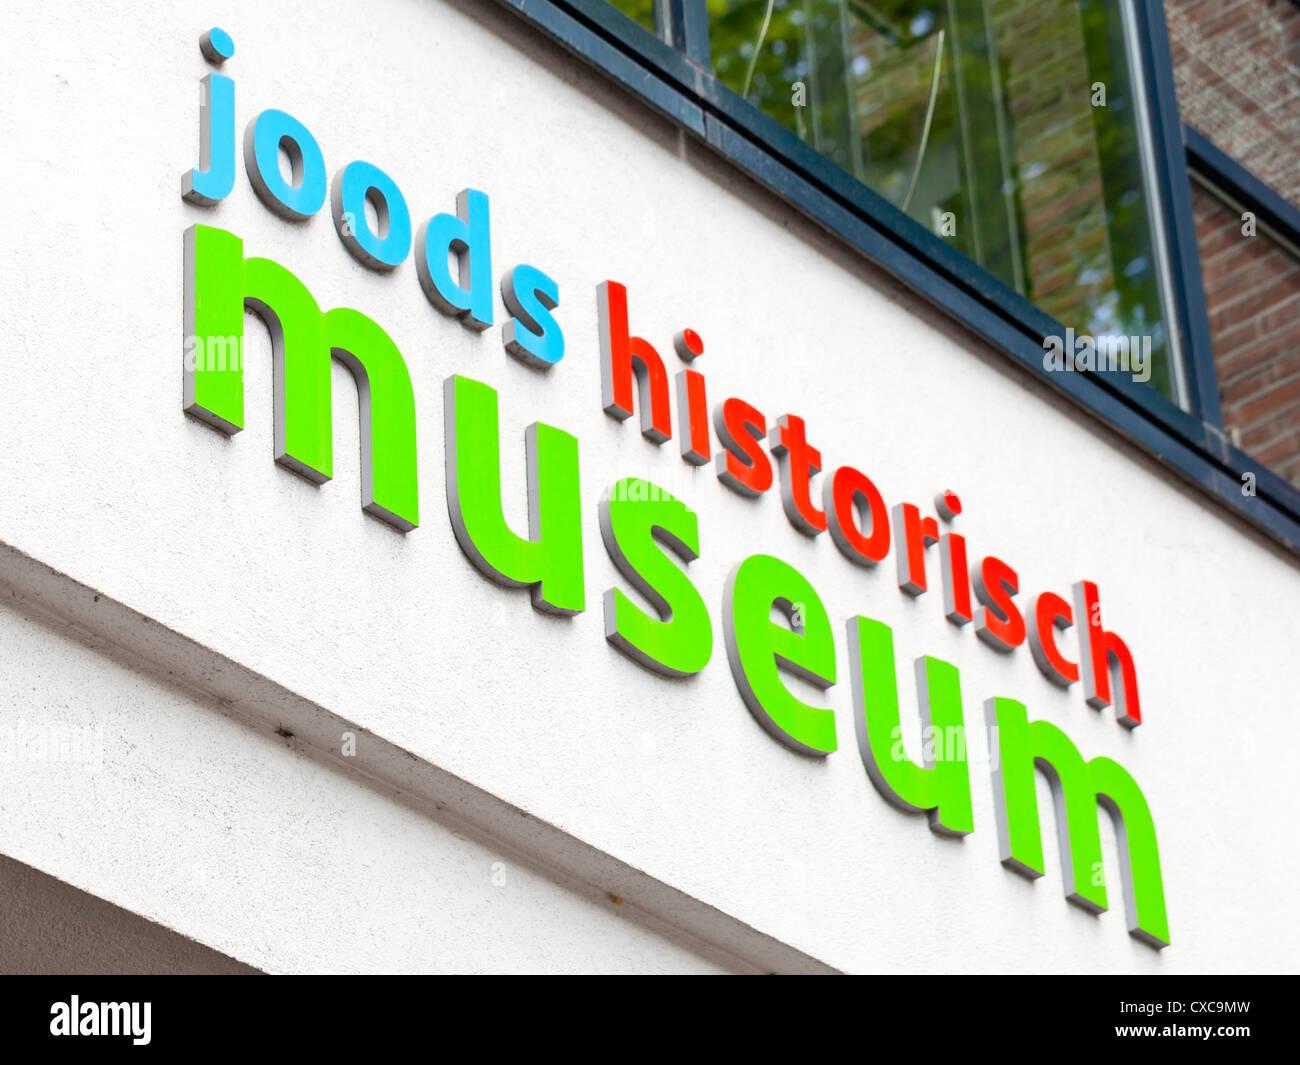 Amsterdam: Actueel Historisch Museum (jüdische historische Museum) - Amsterdam, Niederlande, Europa Stockbild